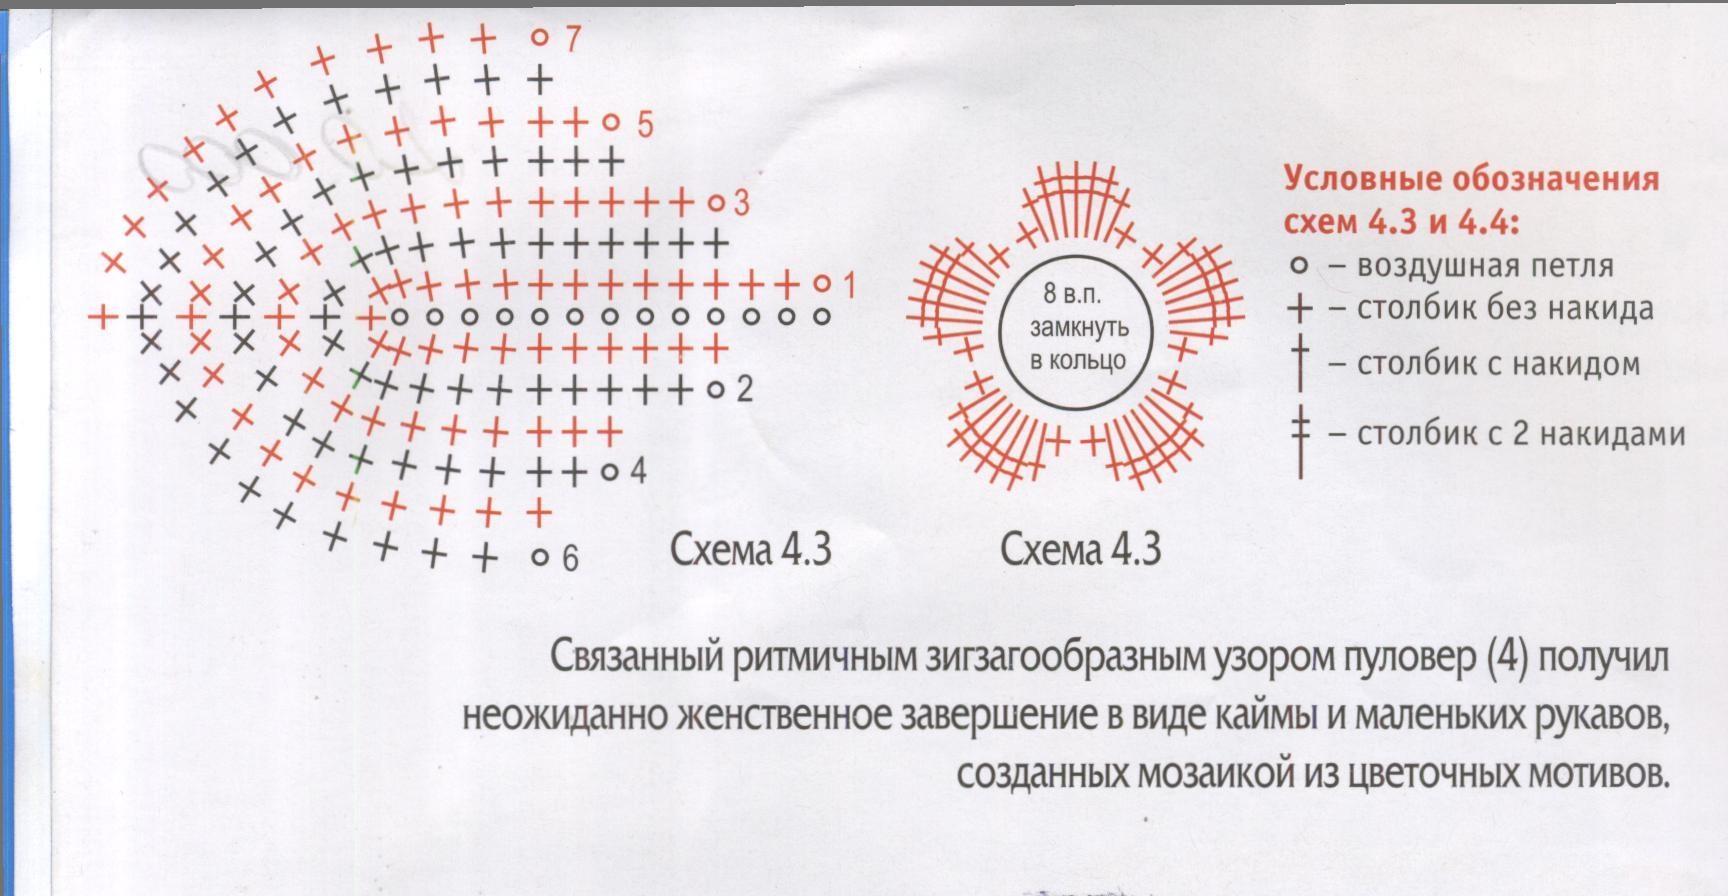 2292_Ксюша_5_12 (5)